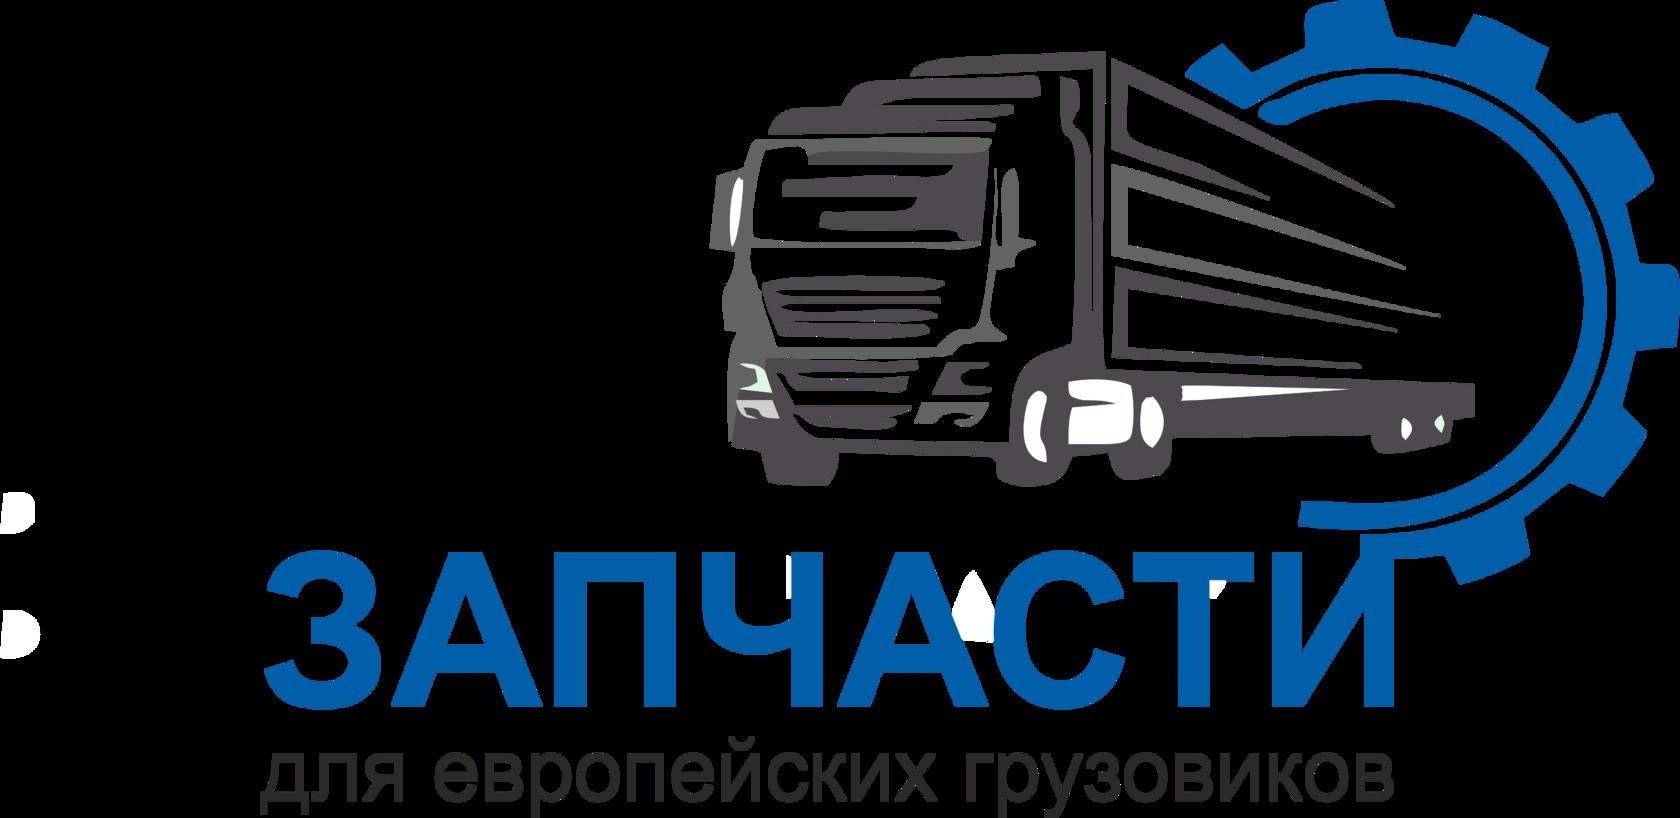 Запчасти для европейских грузовиков и прицепов